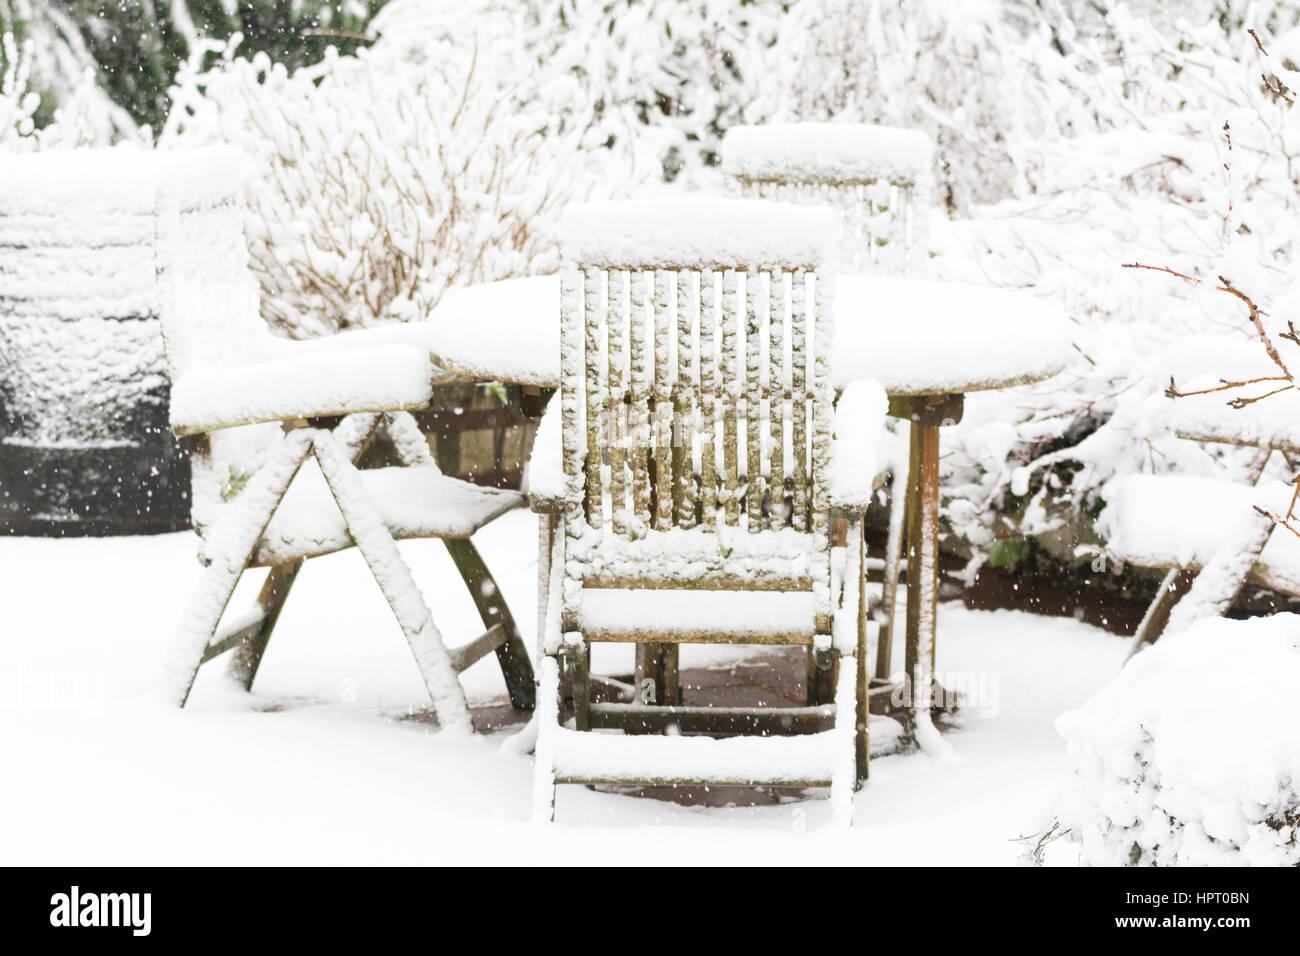 Jardín de Nieve - Muebles de jardín, mesa y sillas cubiertas en nieve profunda Imagen De Stock